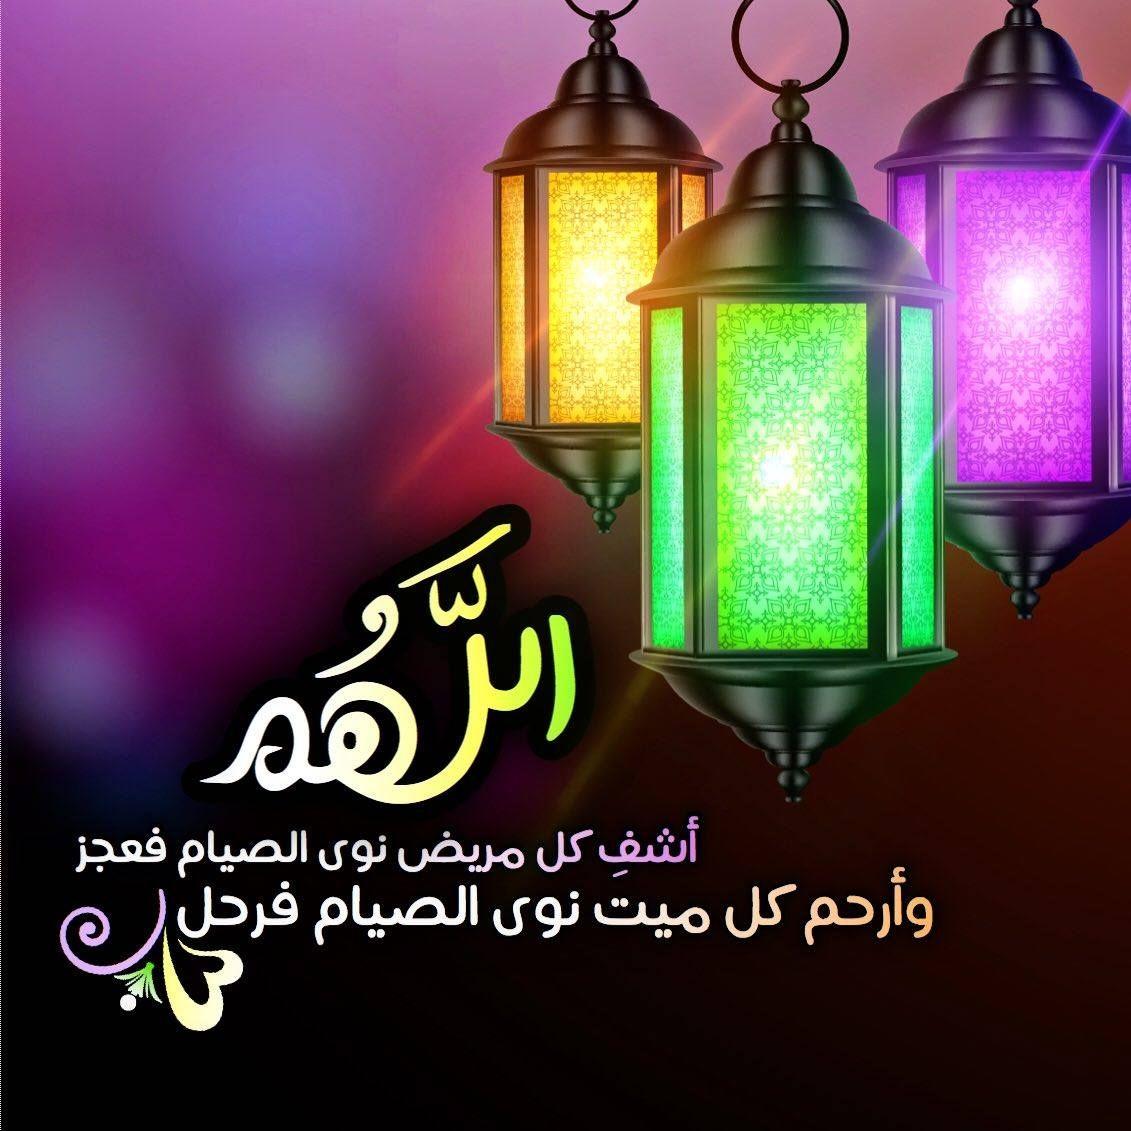 اللهم أشف كل مريض Novelty Lamp Ramadan Ramadan Kareem